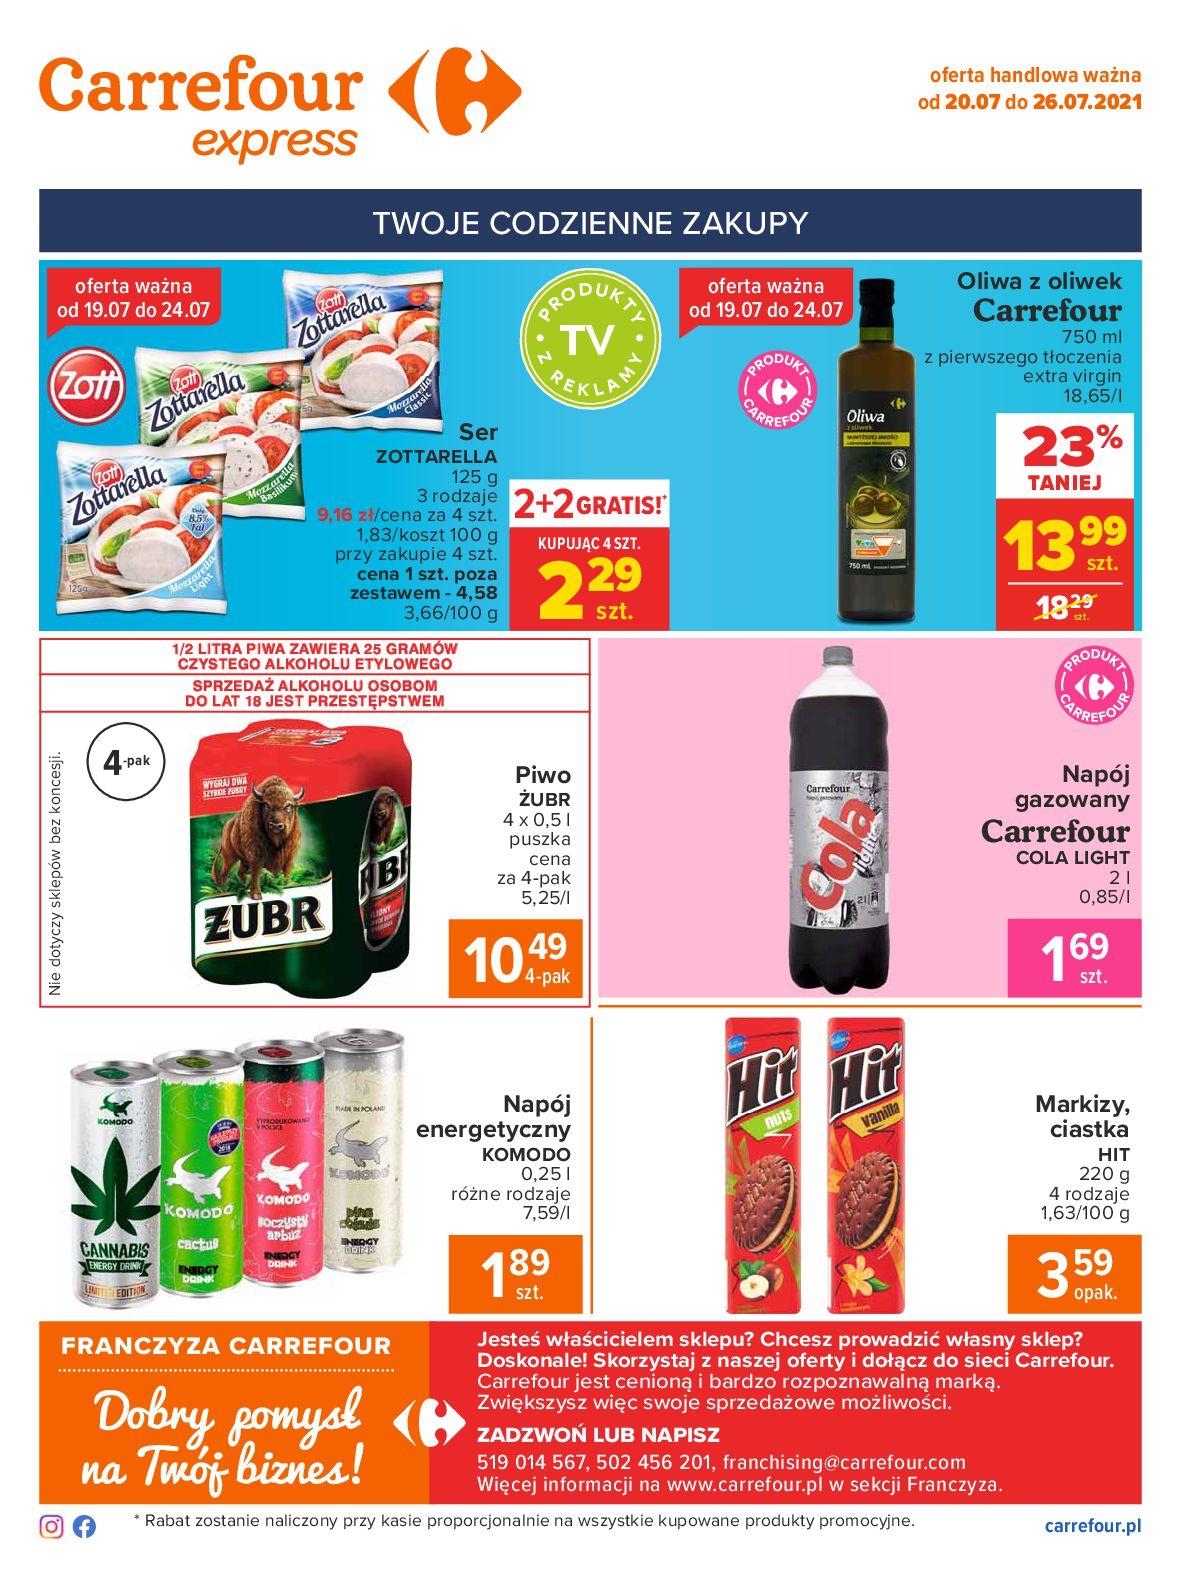 Gazetka Carrefour Express: Gazetka Carrefour Express - codzienne zakupy 2021-07-20 page-2